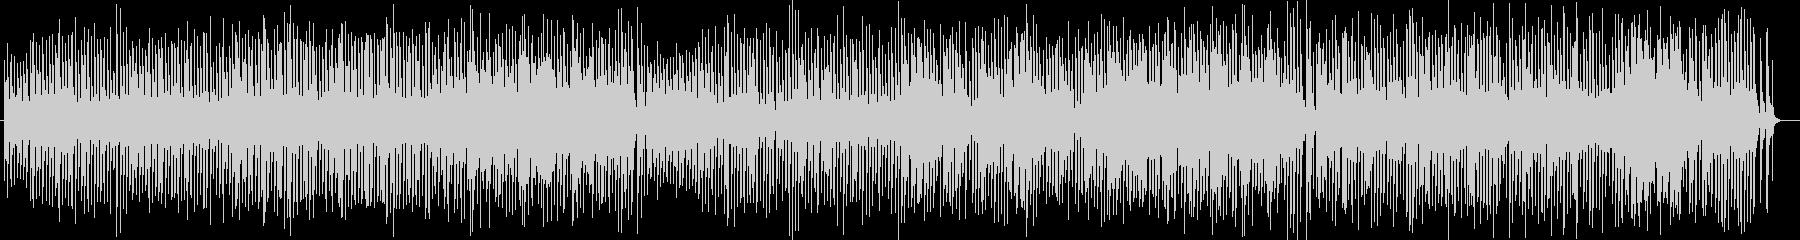 はずむテンポのシンセサイザーサウンドの未再生の波形